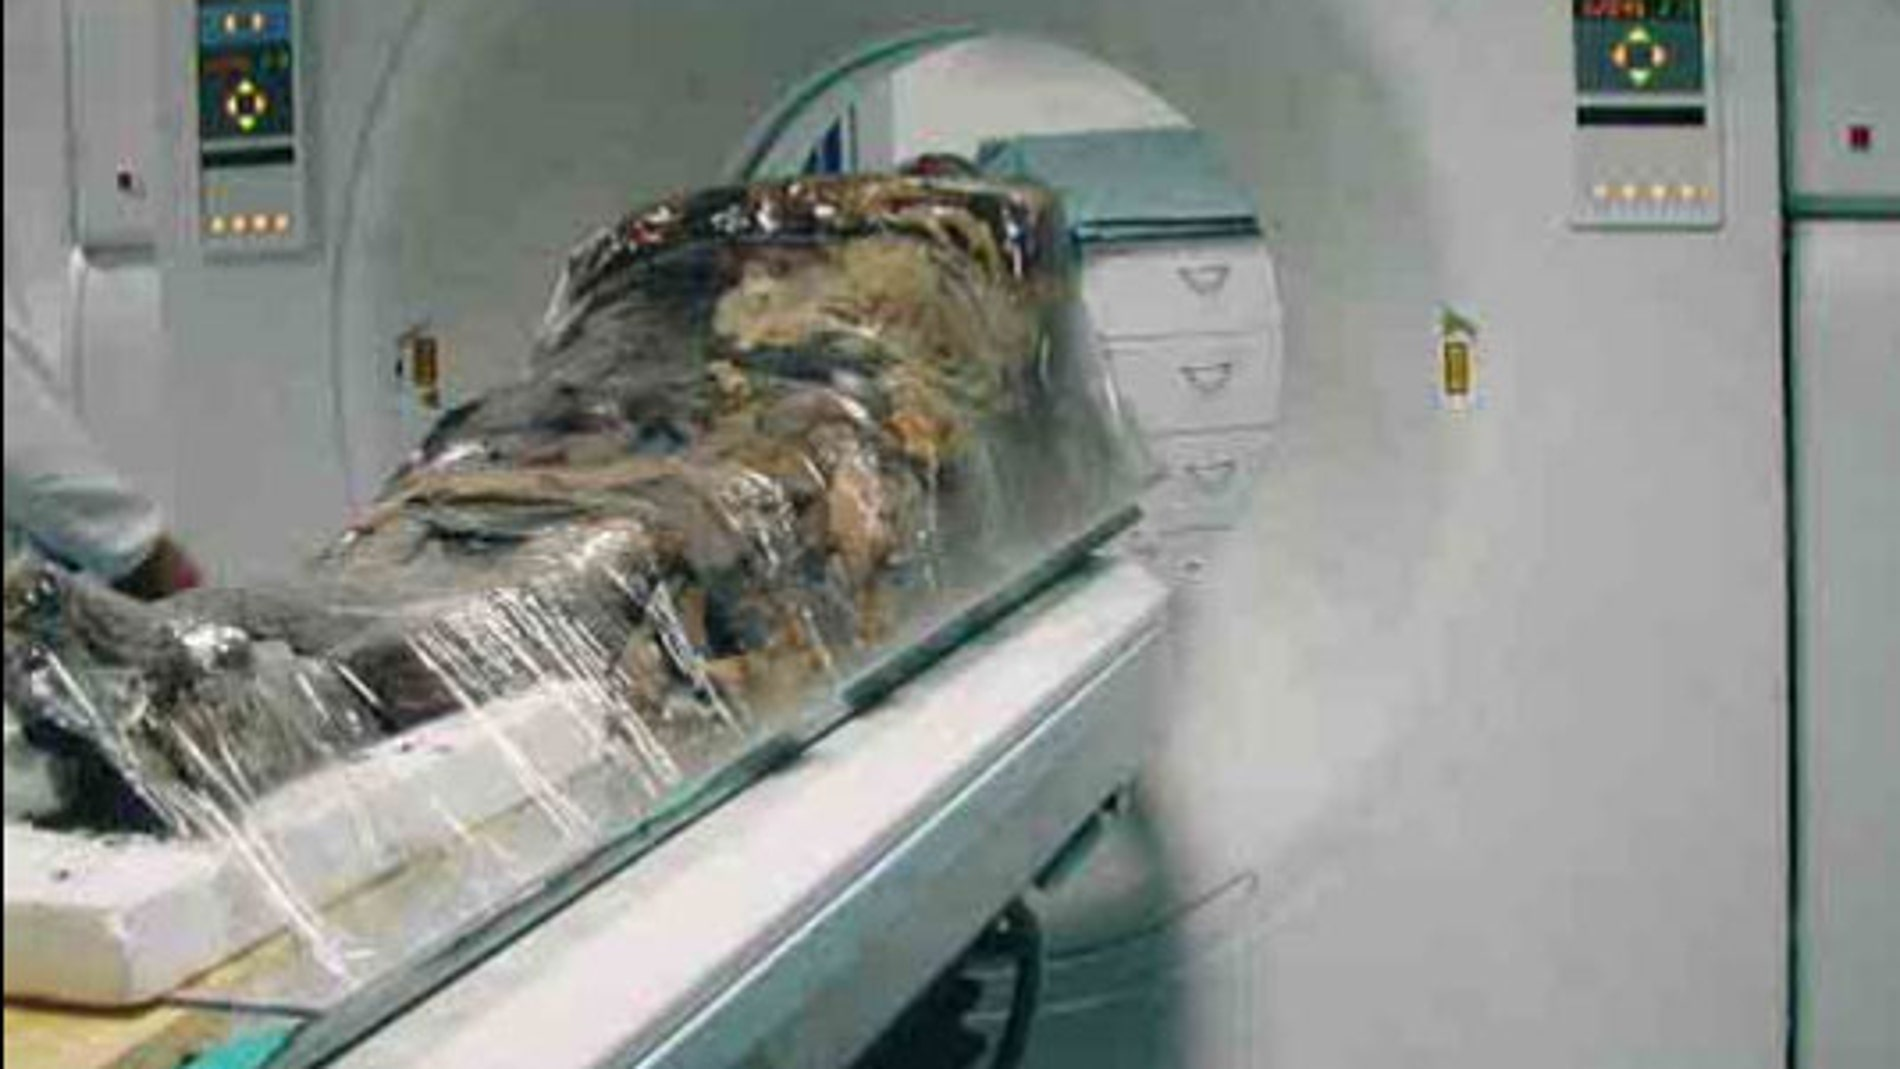 La momia de Cangrande analizada en Pisa